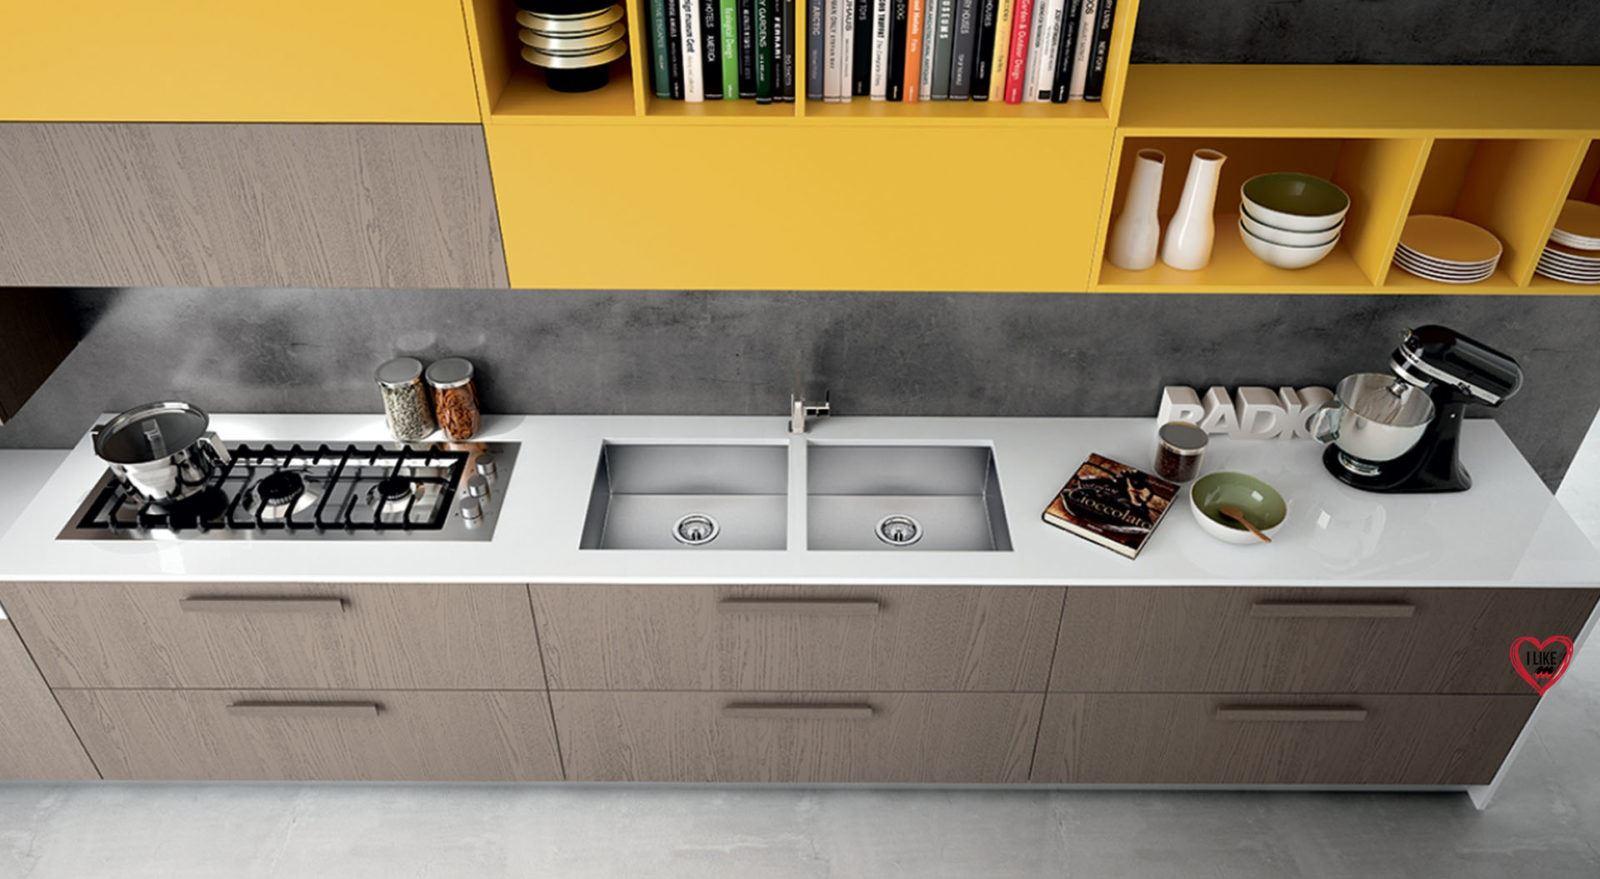 Cucine Lineari Moderne Offerte.Cucine Lineari Moderne Padova Anche In Offerta